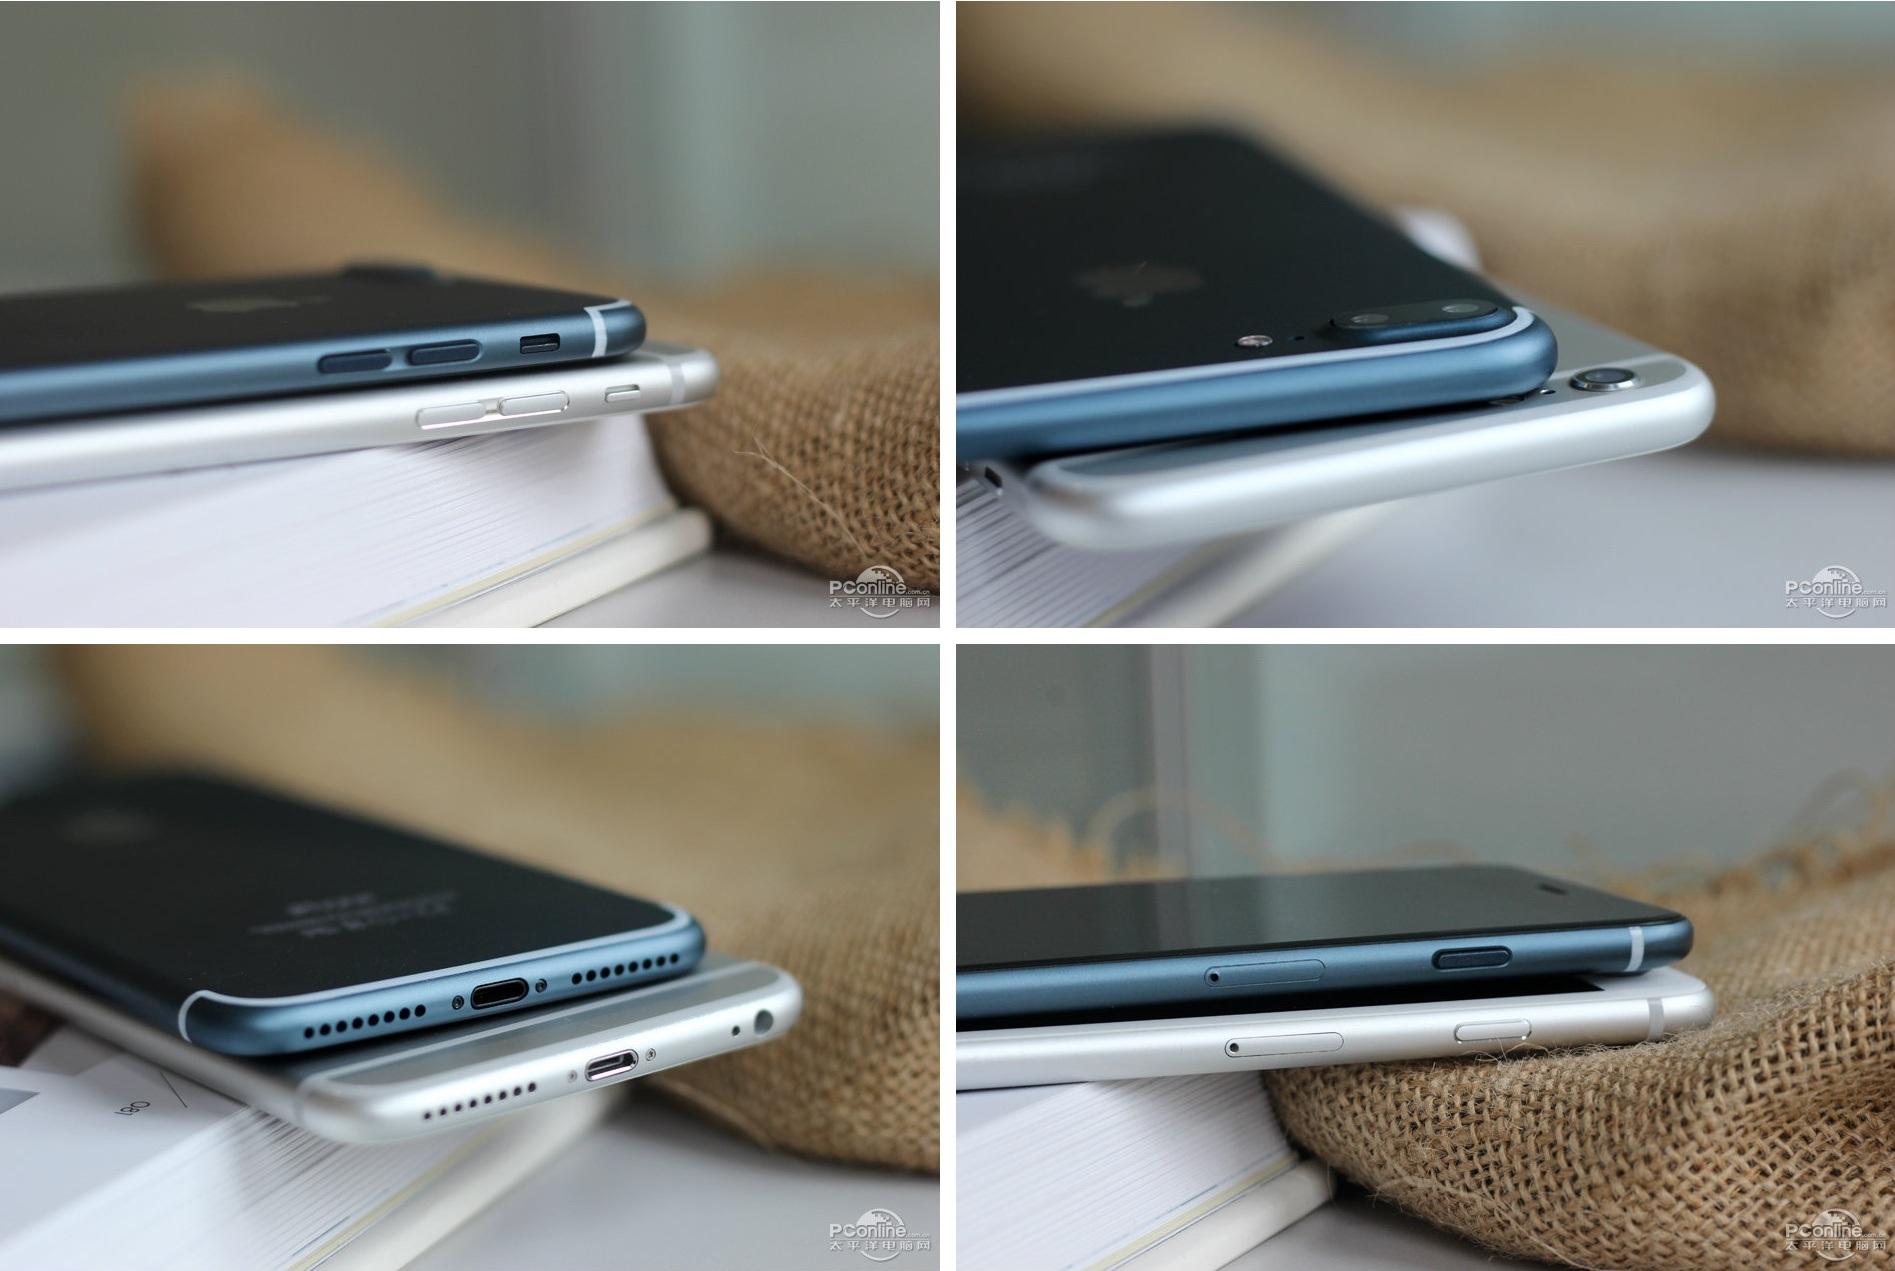 Hiện thông tin ngày ra mắt của iPhone 7 Pro vẫn chưa được Apple tiết lộ. Tuy nhiên theo các nguồn tin, máy sẽ được trình làng vào tháng 9 tới đây.